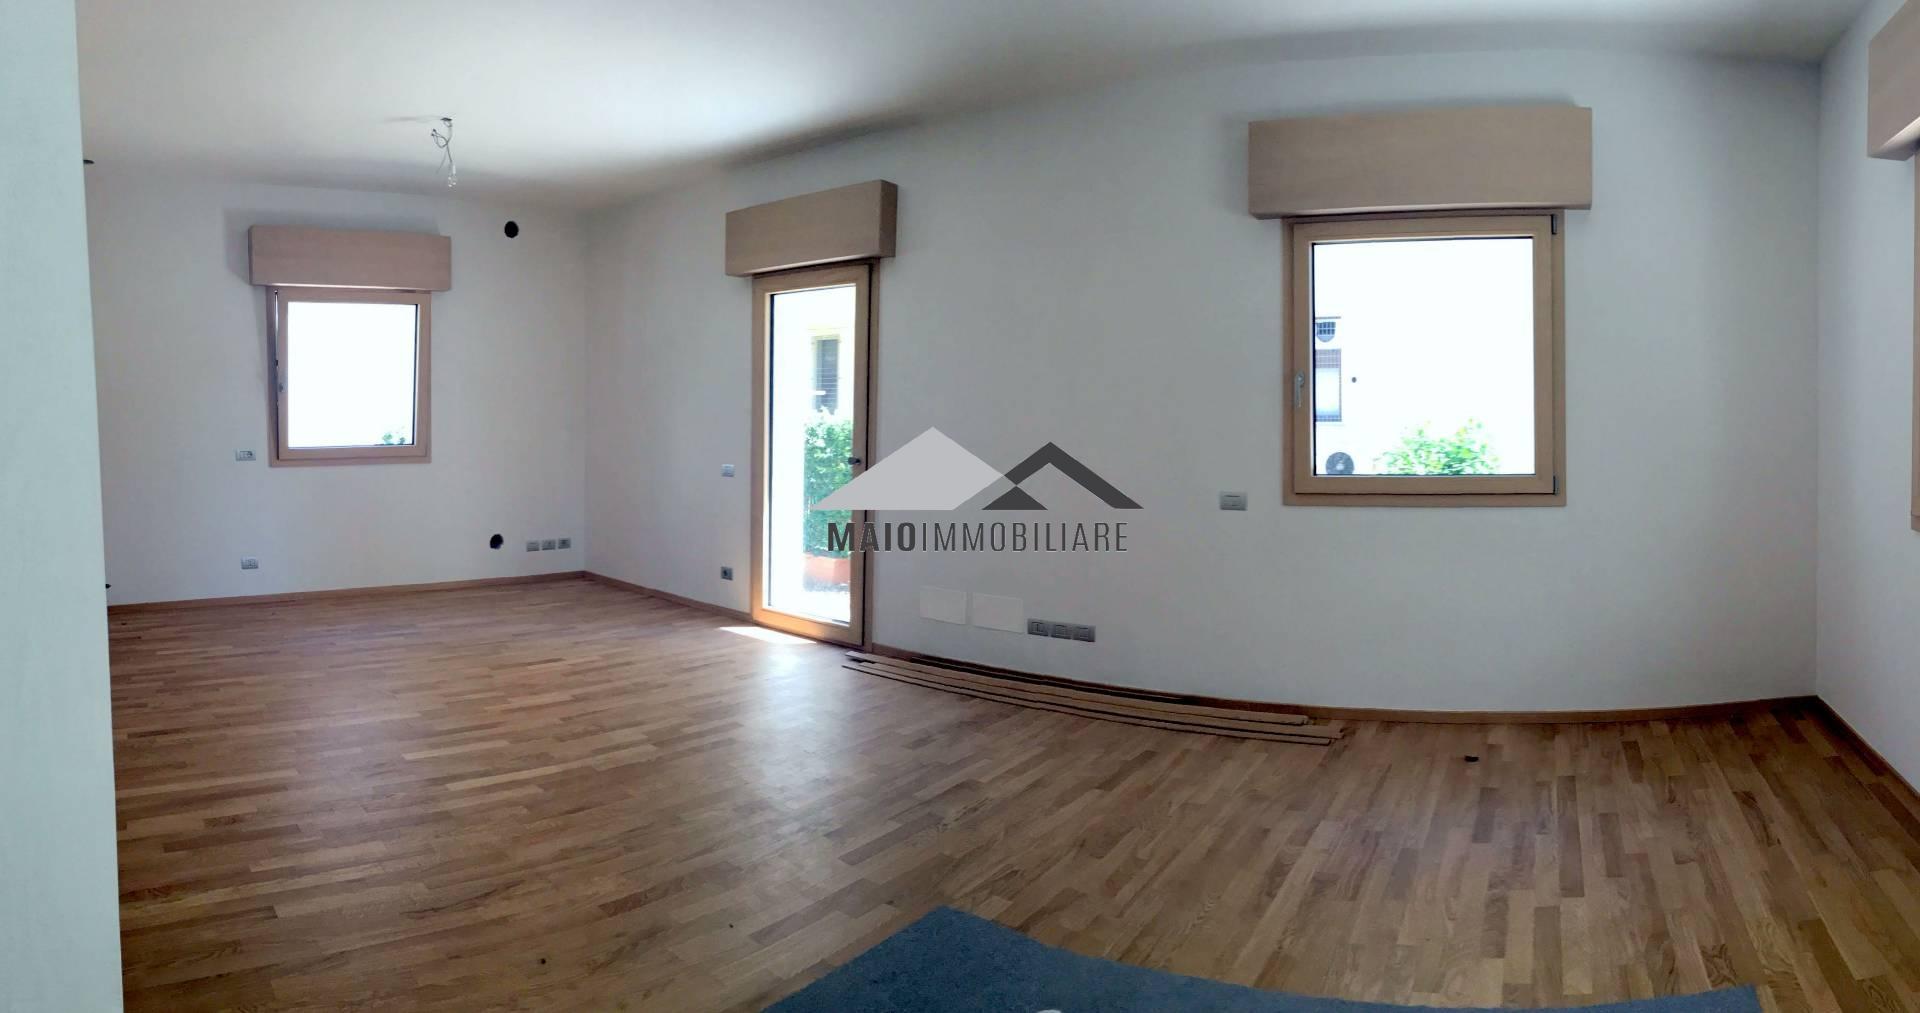 Villa in vendita a Riccione, 5 locali, zona Località: PAESE, prezzo € 885.000   CambioCasa.it